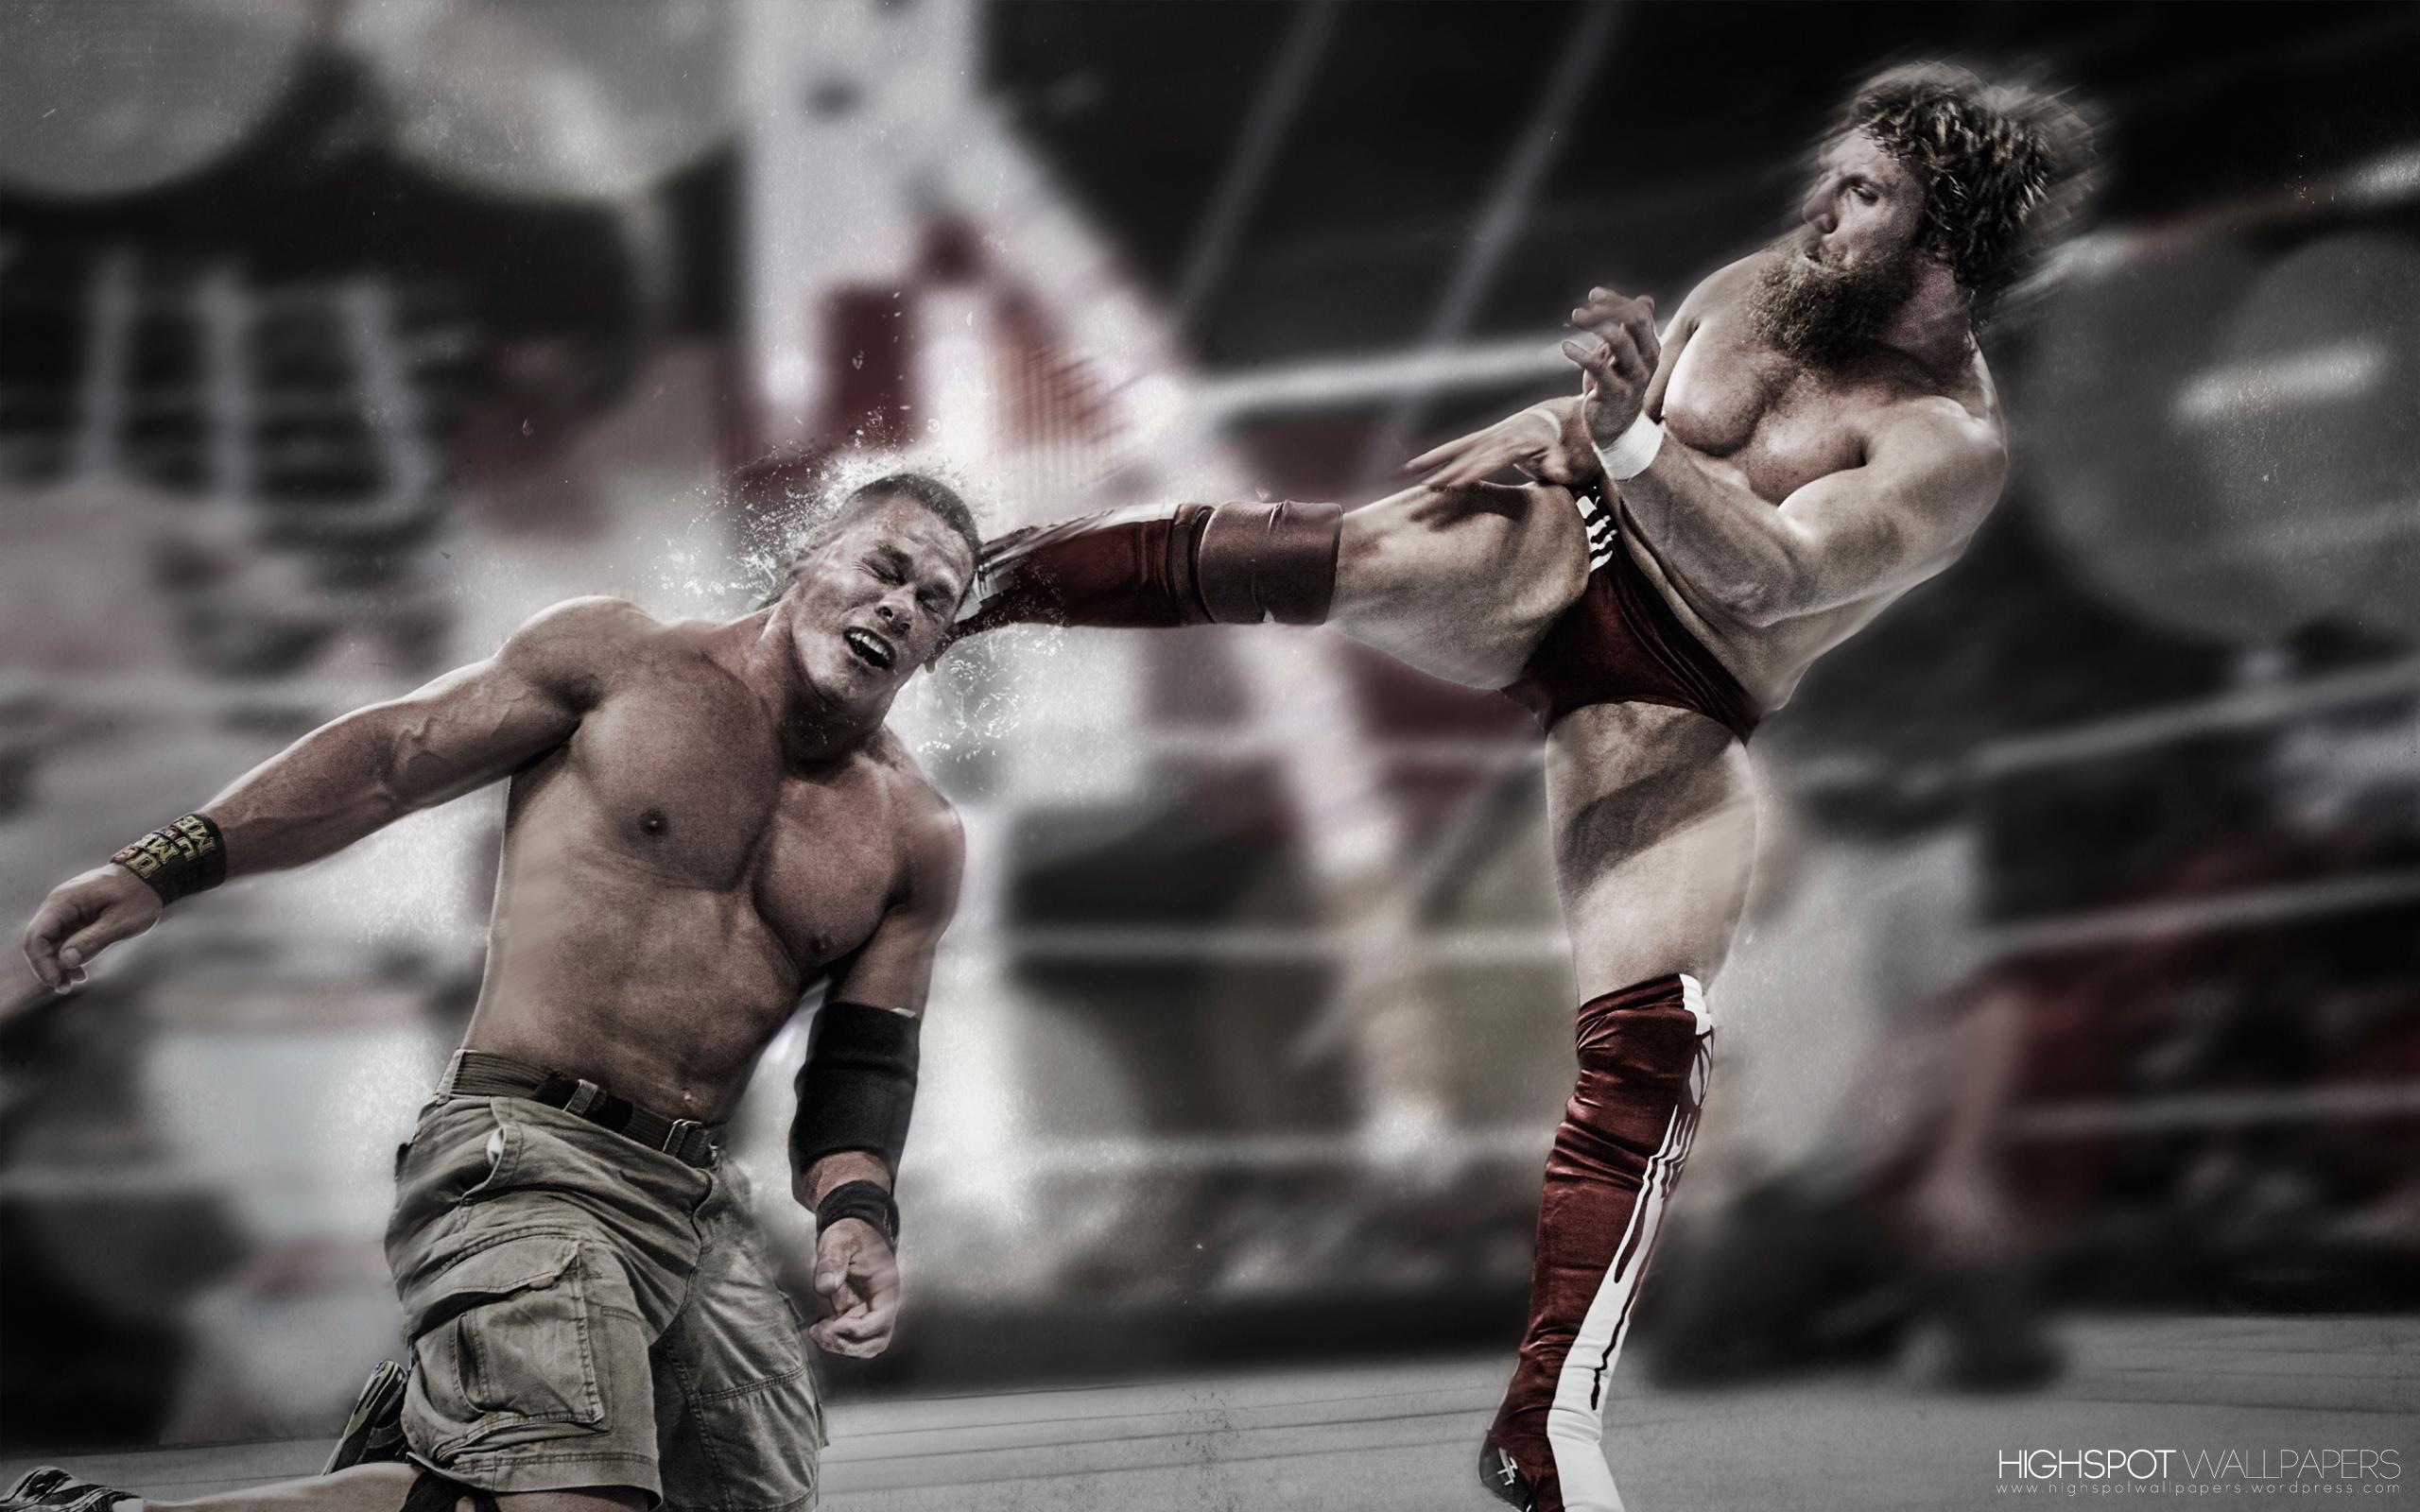 John Cena Iphone Wallpaper Daniel Bryan Lights Out Series Wallpaper Highspot